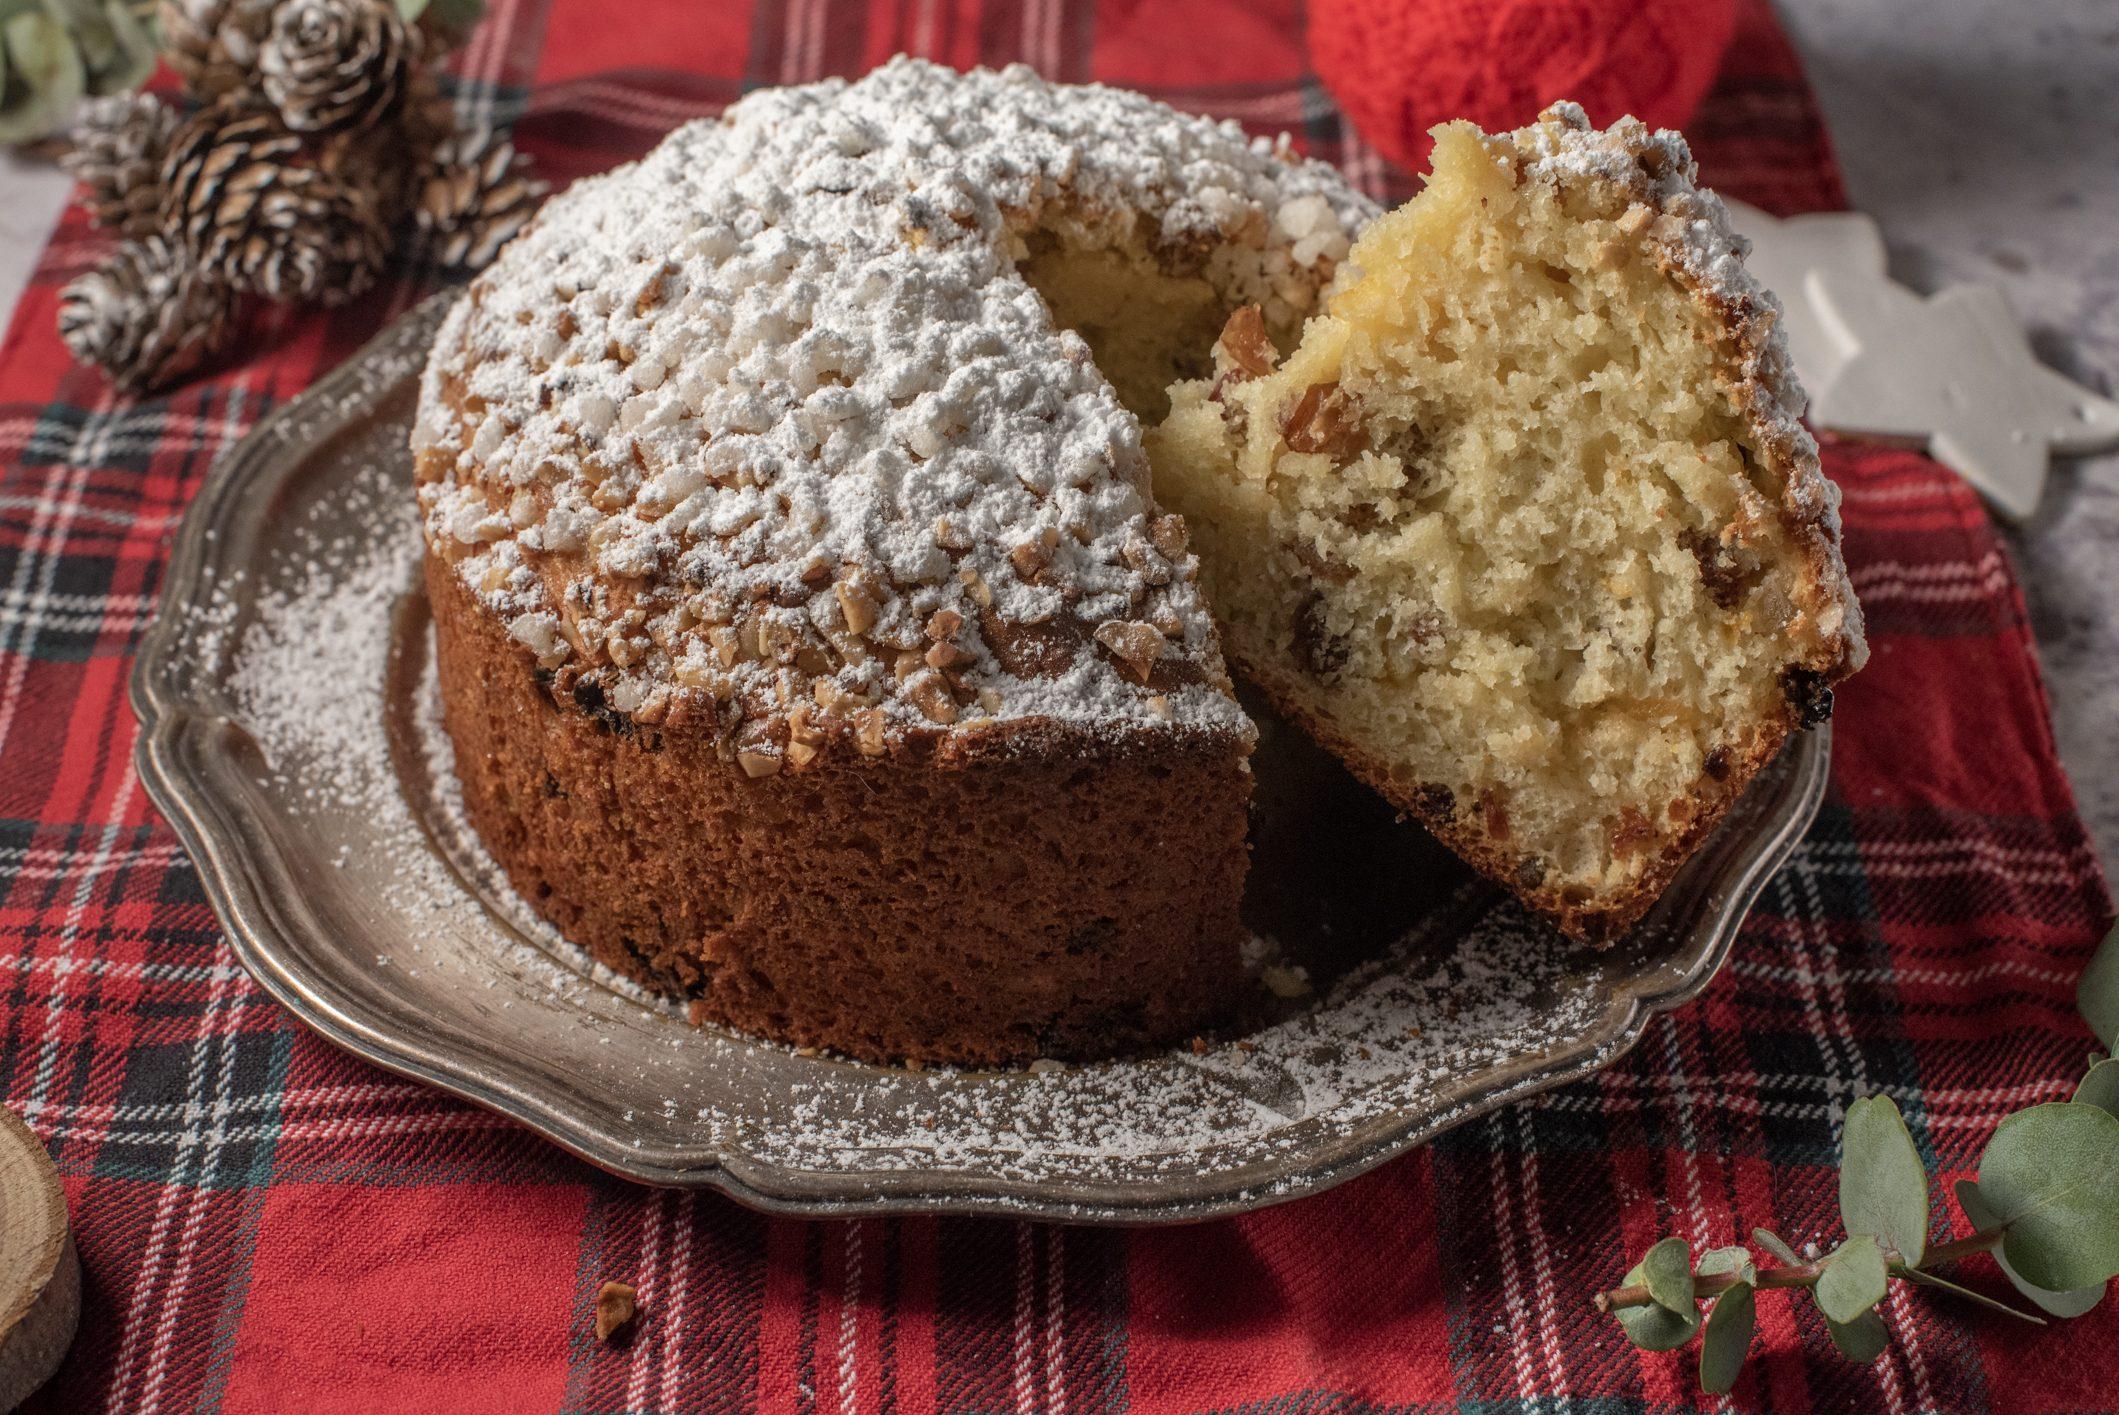 Torta panettone: la ricetta semplificata del classico dolce di Natale